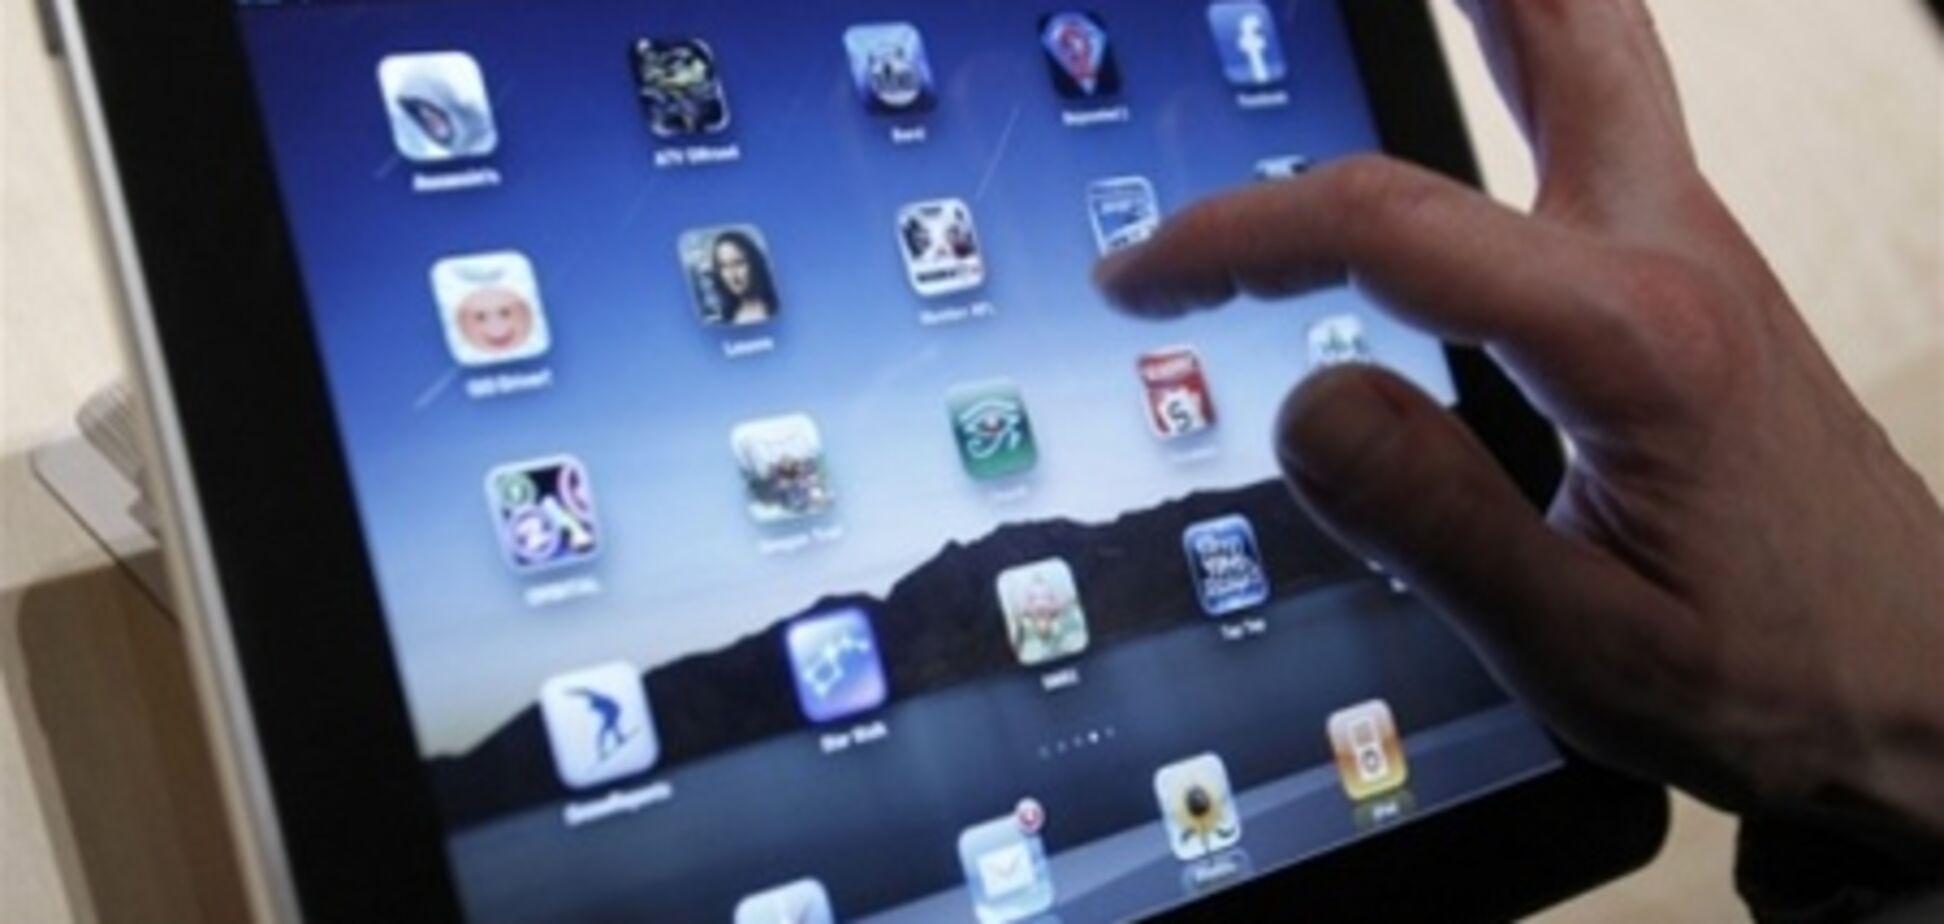 Депутатам Київради хочуть видати iPad за рахунок бюджету